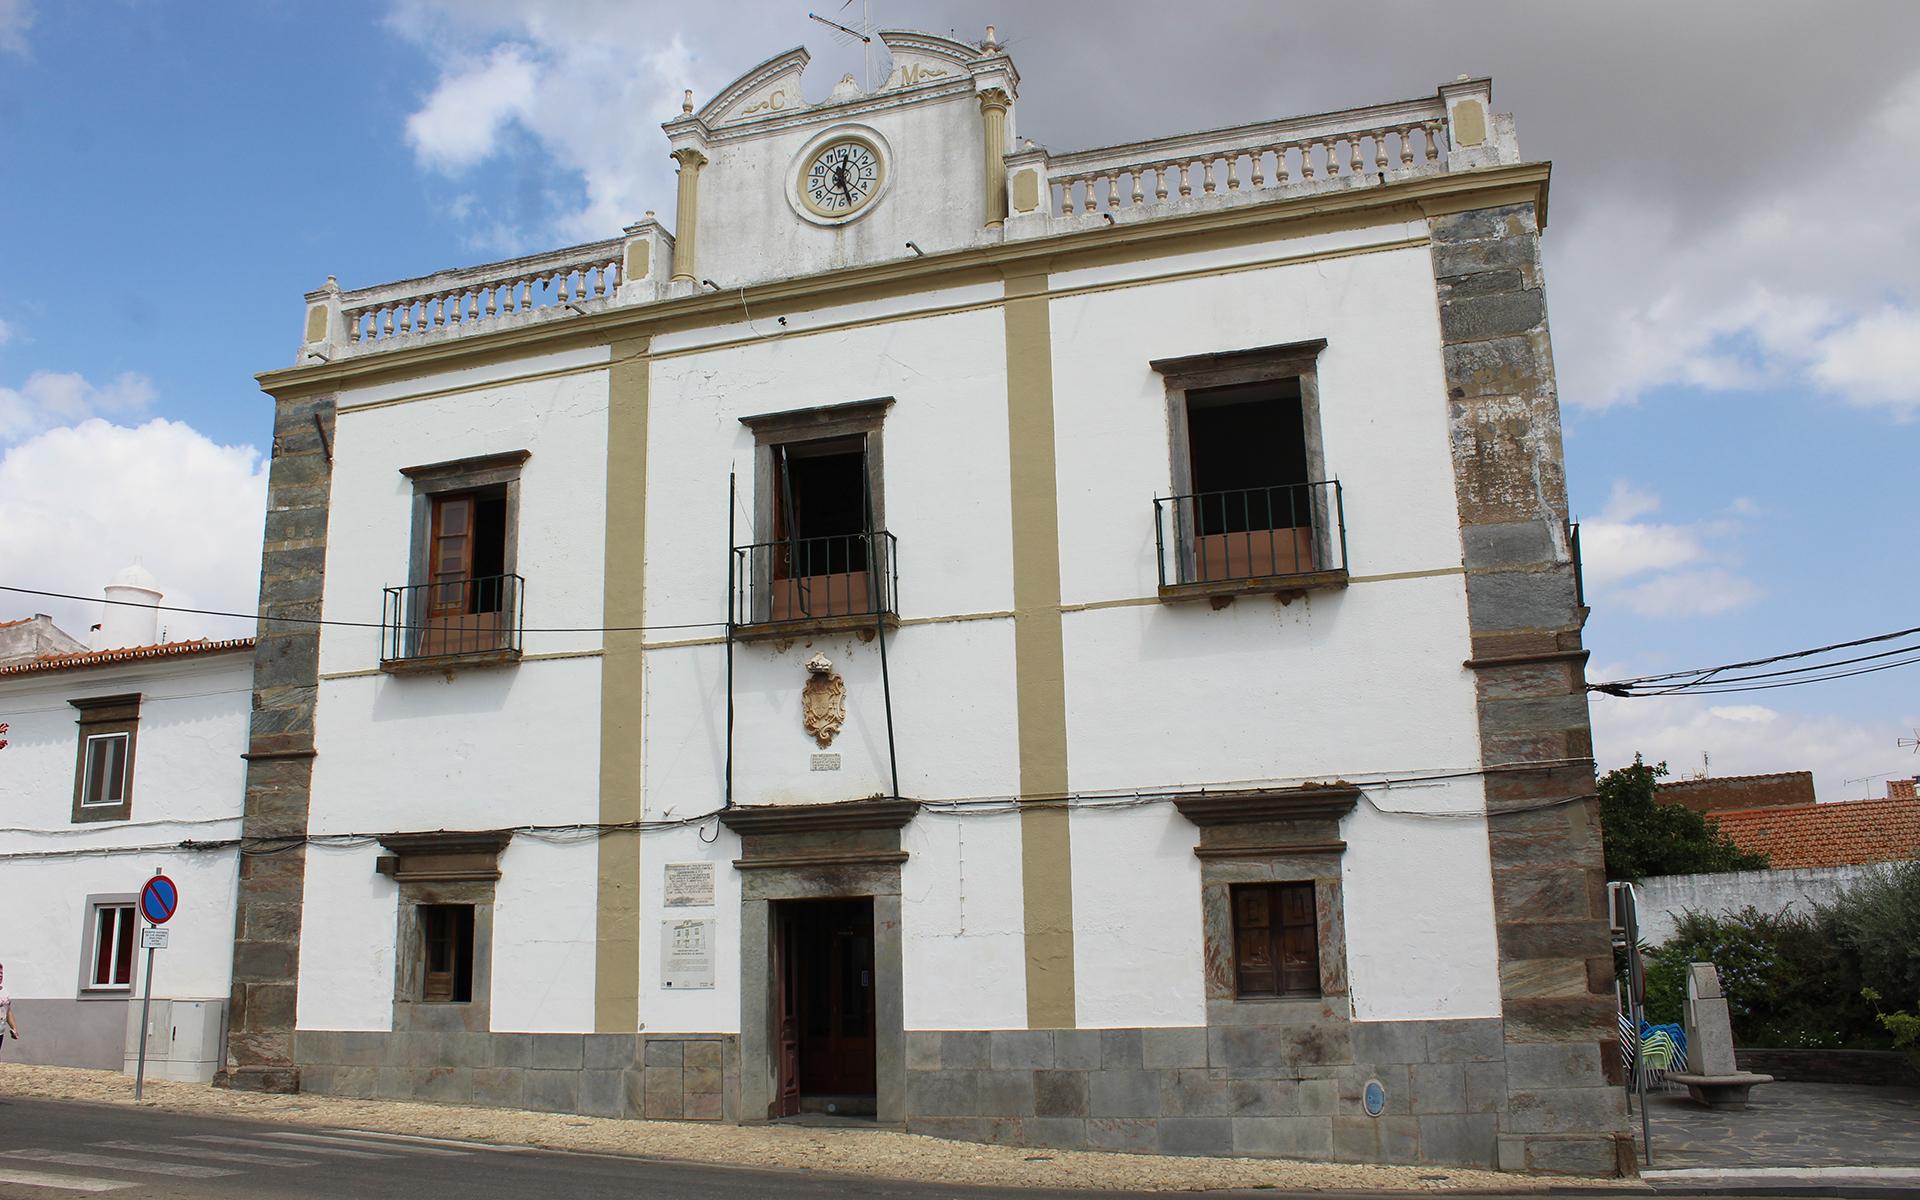 Edifício da Câmara Municipal em Requalificação